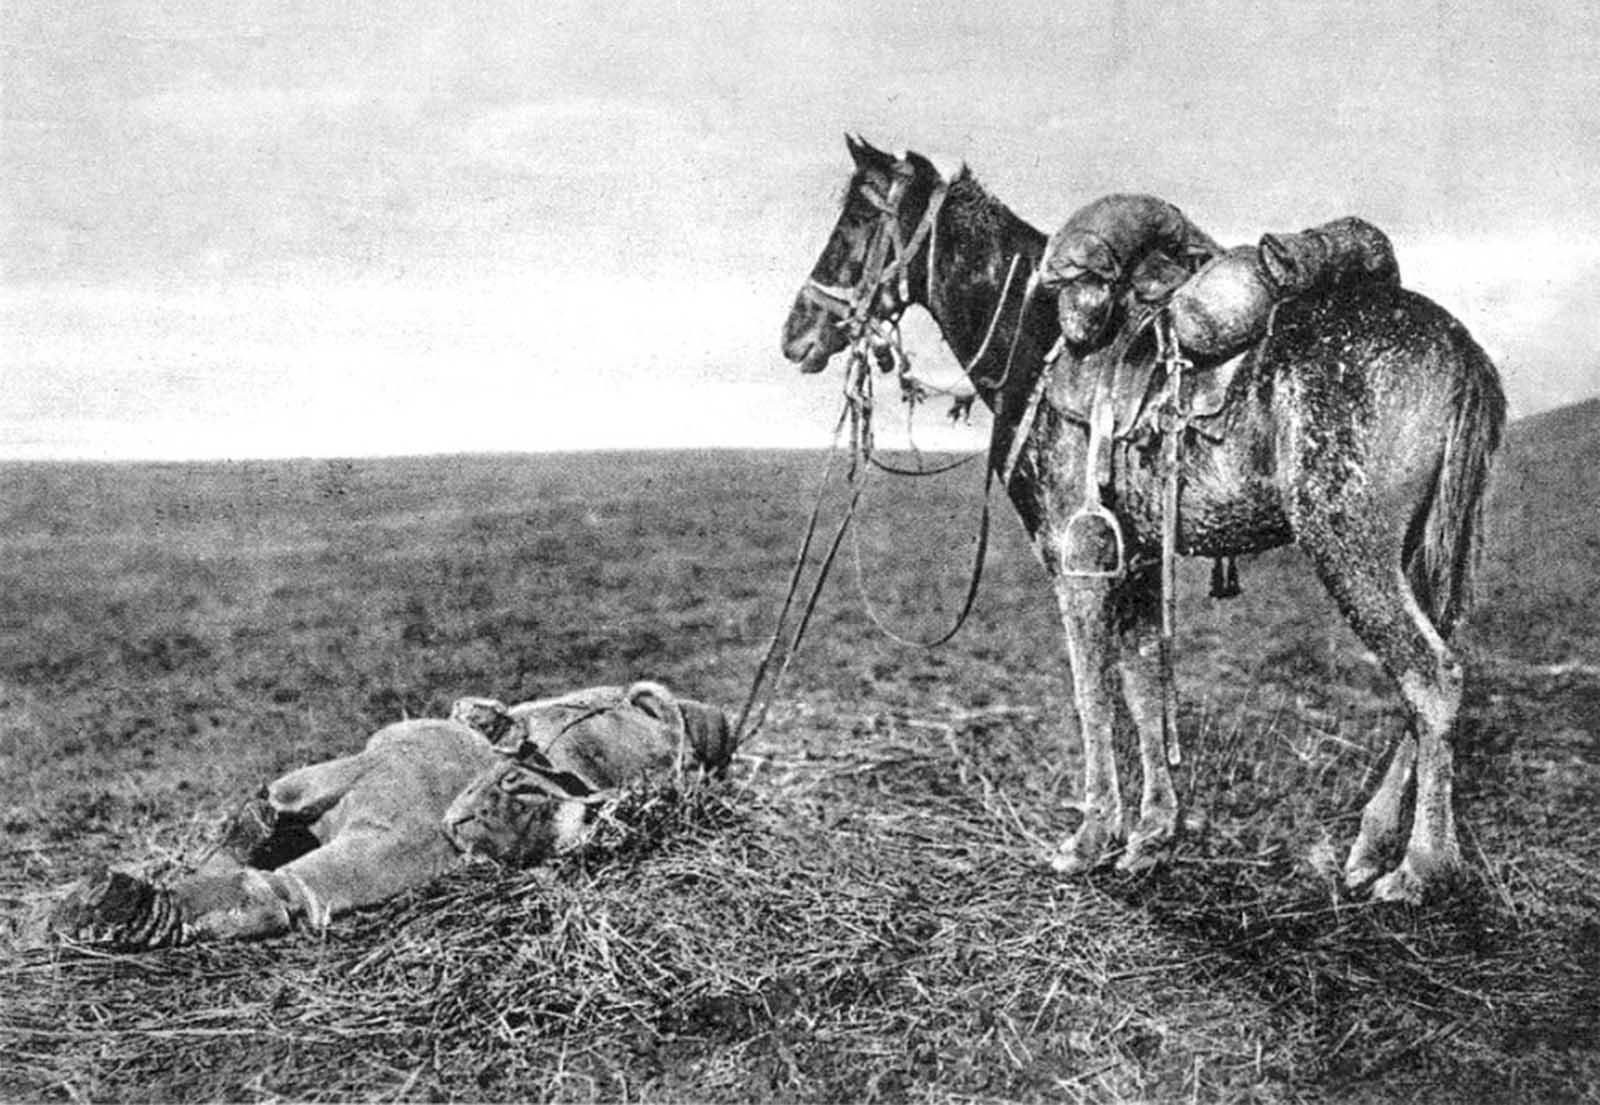 Loạt ảnh hiếm về số phận động vật trong Thế chiến thứ nhất (1914 - 1918)